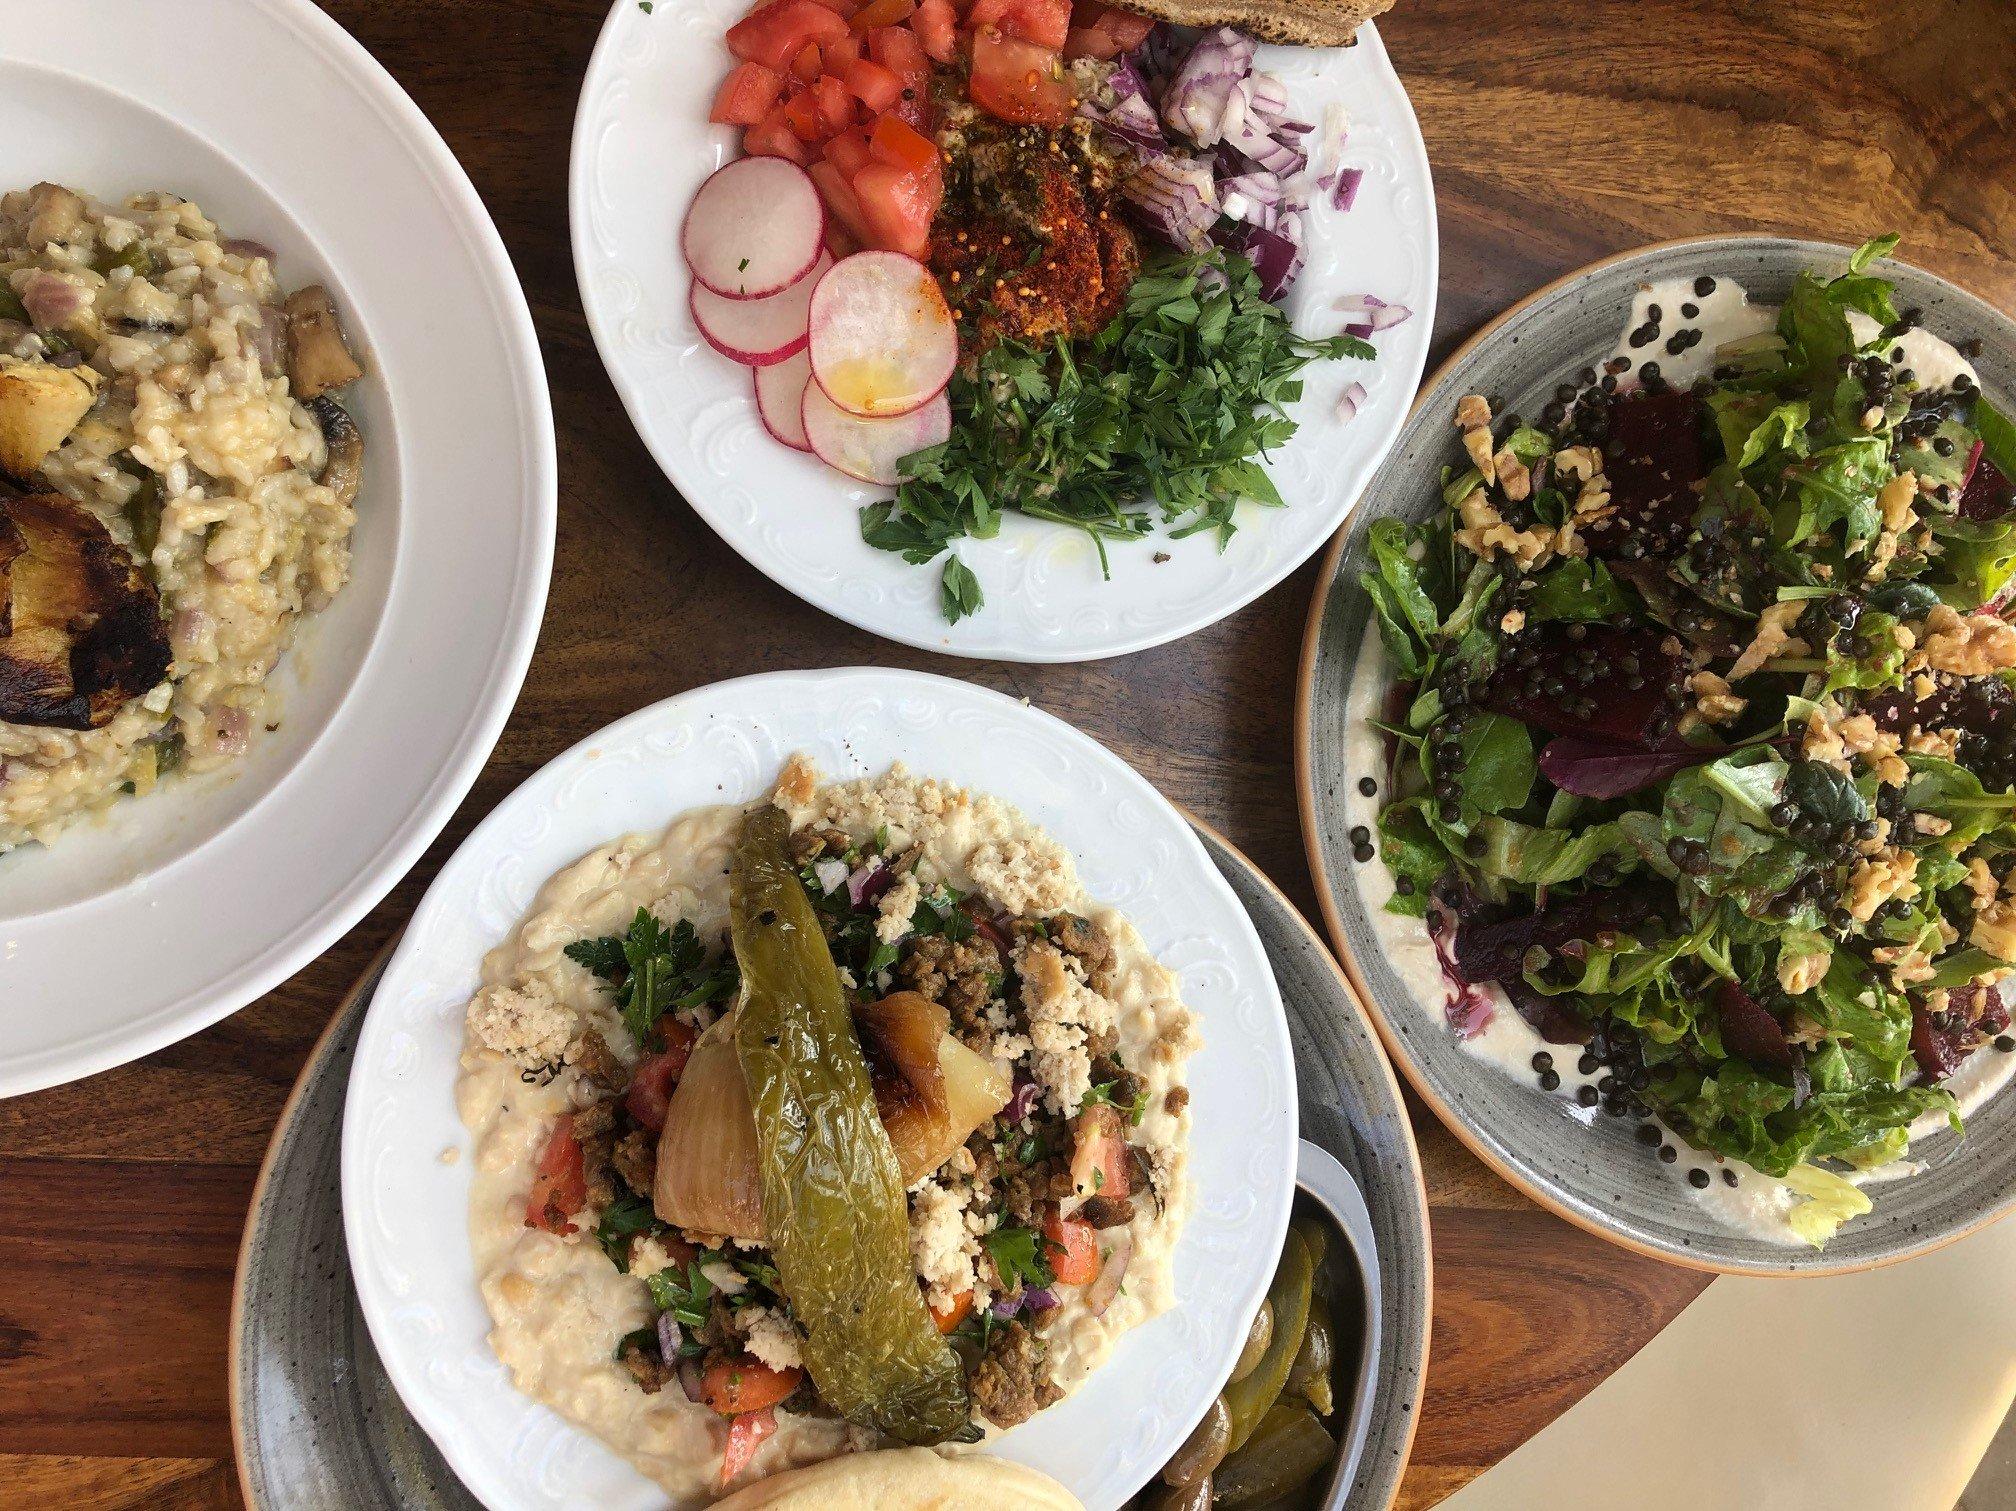 Vegan travel has never been easier in Israel